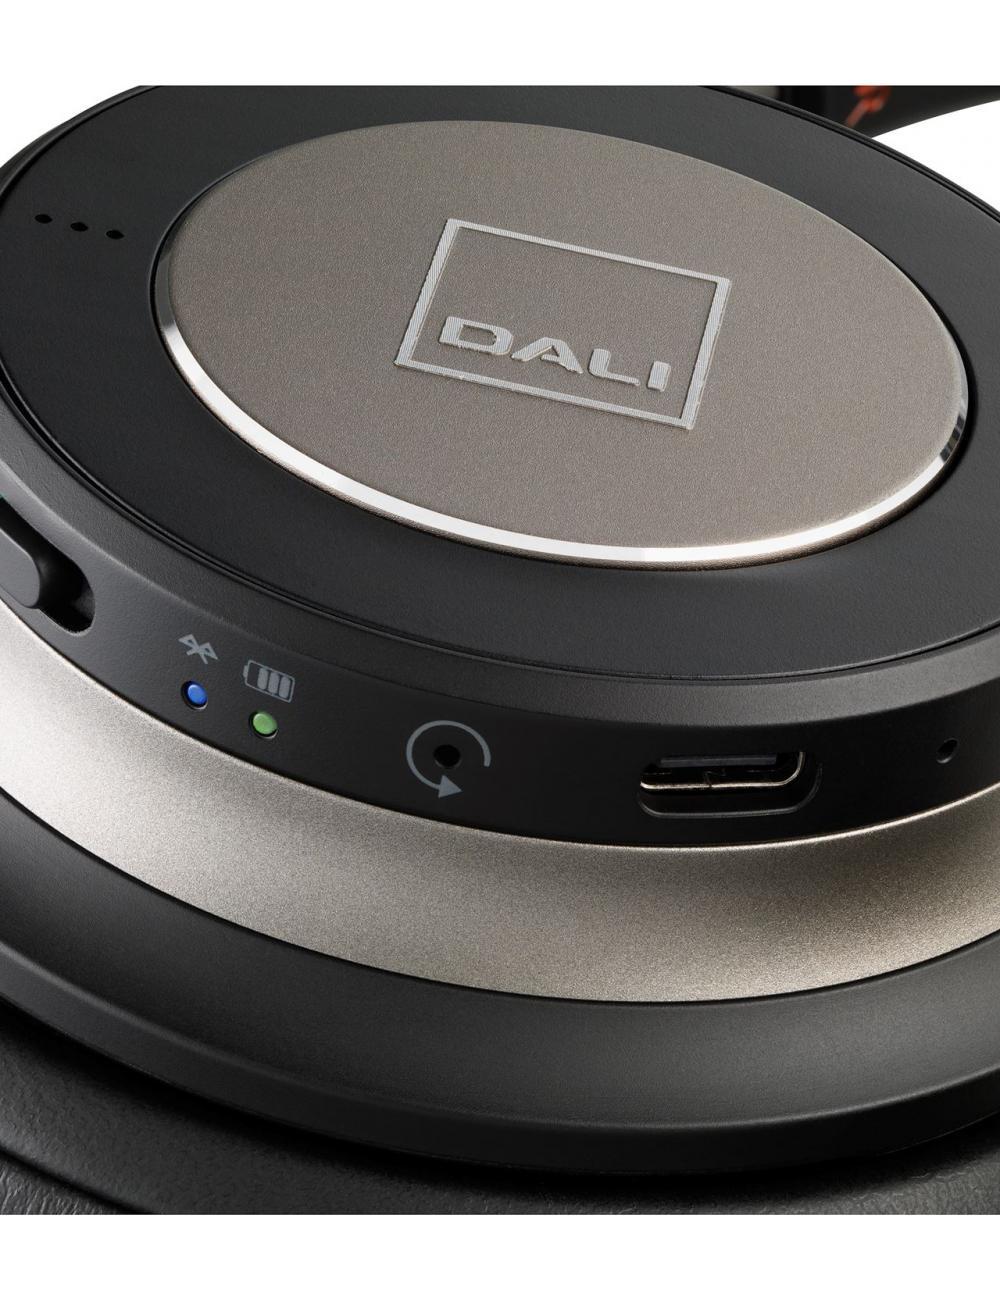 Cuffie over-ear HiFi Bluetooth super confortevoli e con cancellazione del rumore (ANC), DALI IO-6, dettaglio